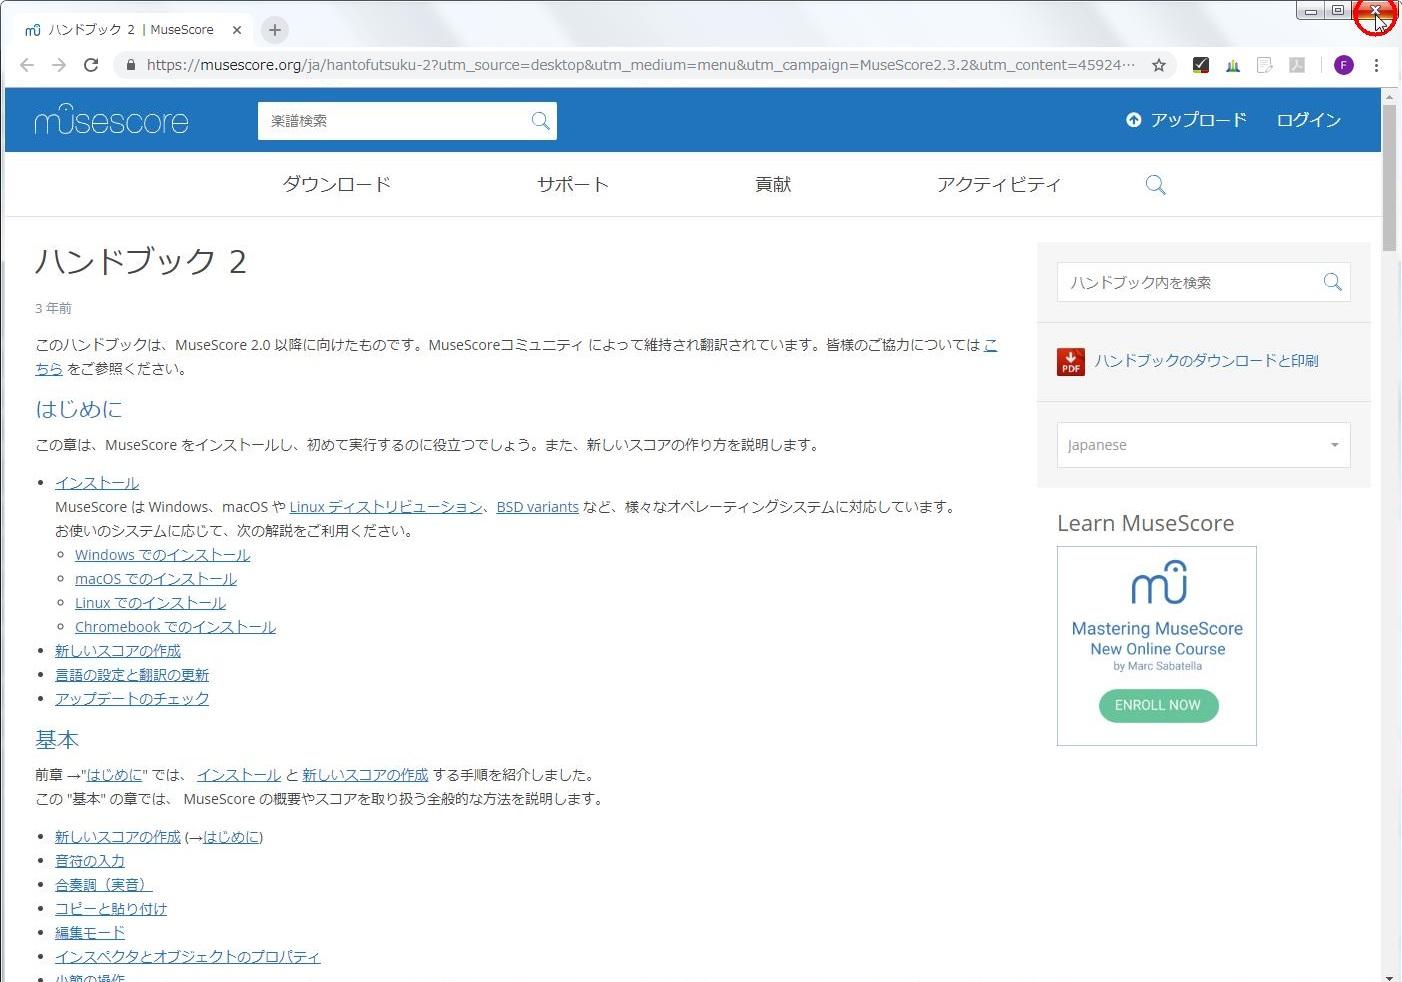 楽譜作成ソフト[MuseScore][ヘルプ][ハンドブック 2   MuseScore] ウィンドウが開きます。